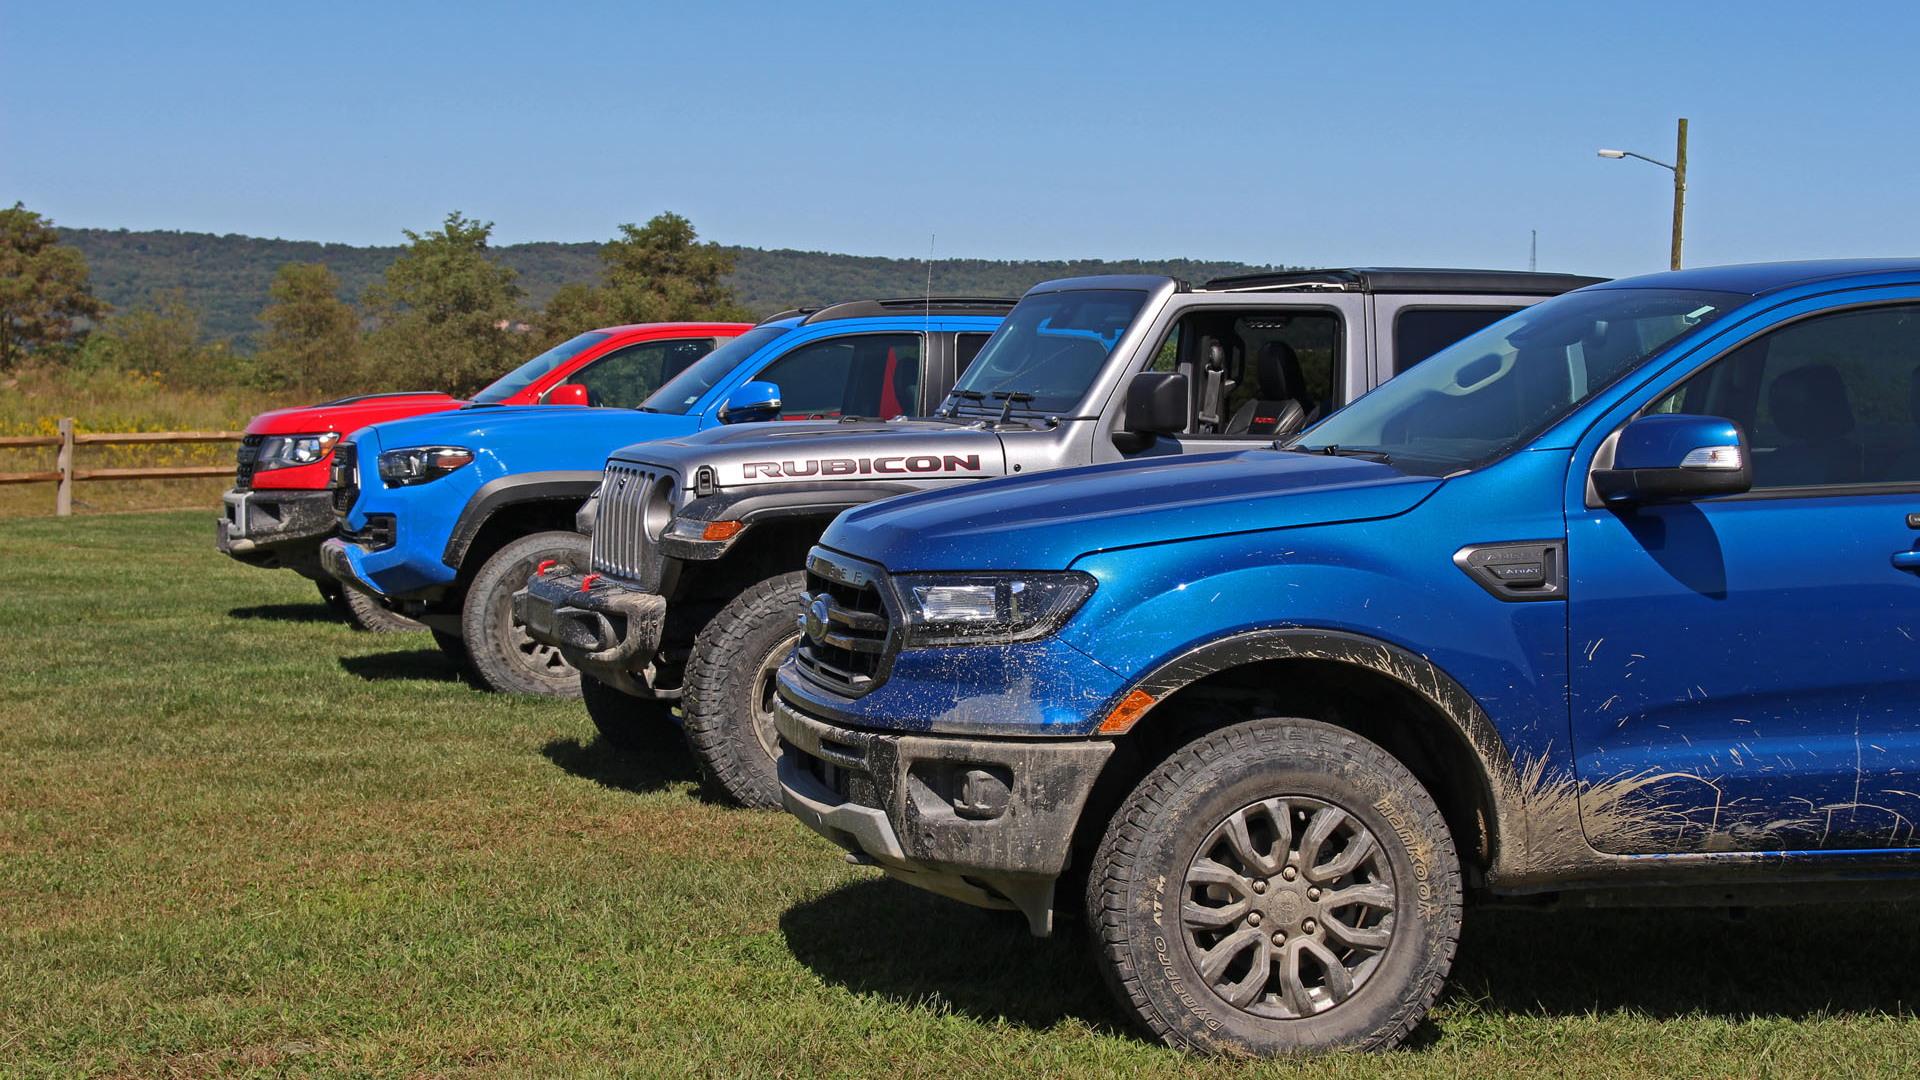 Midsize truck 4x4 comparison